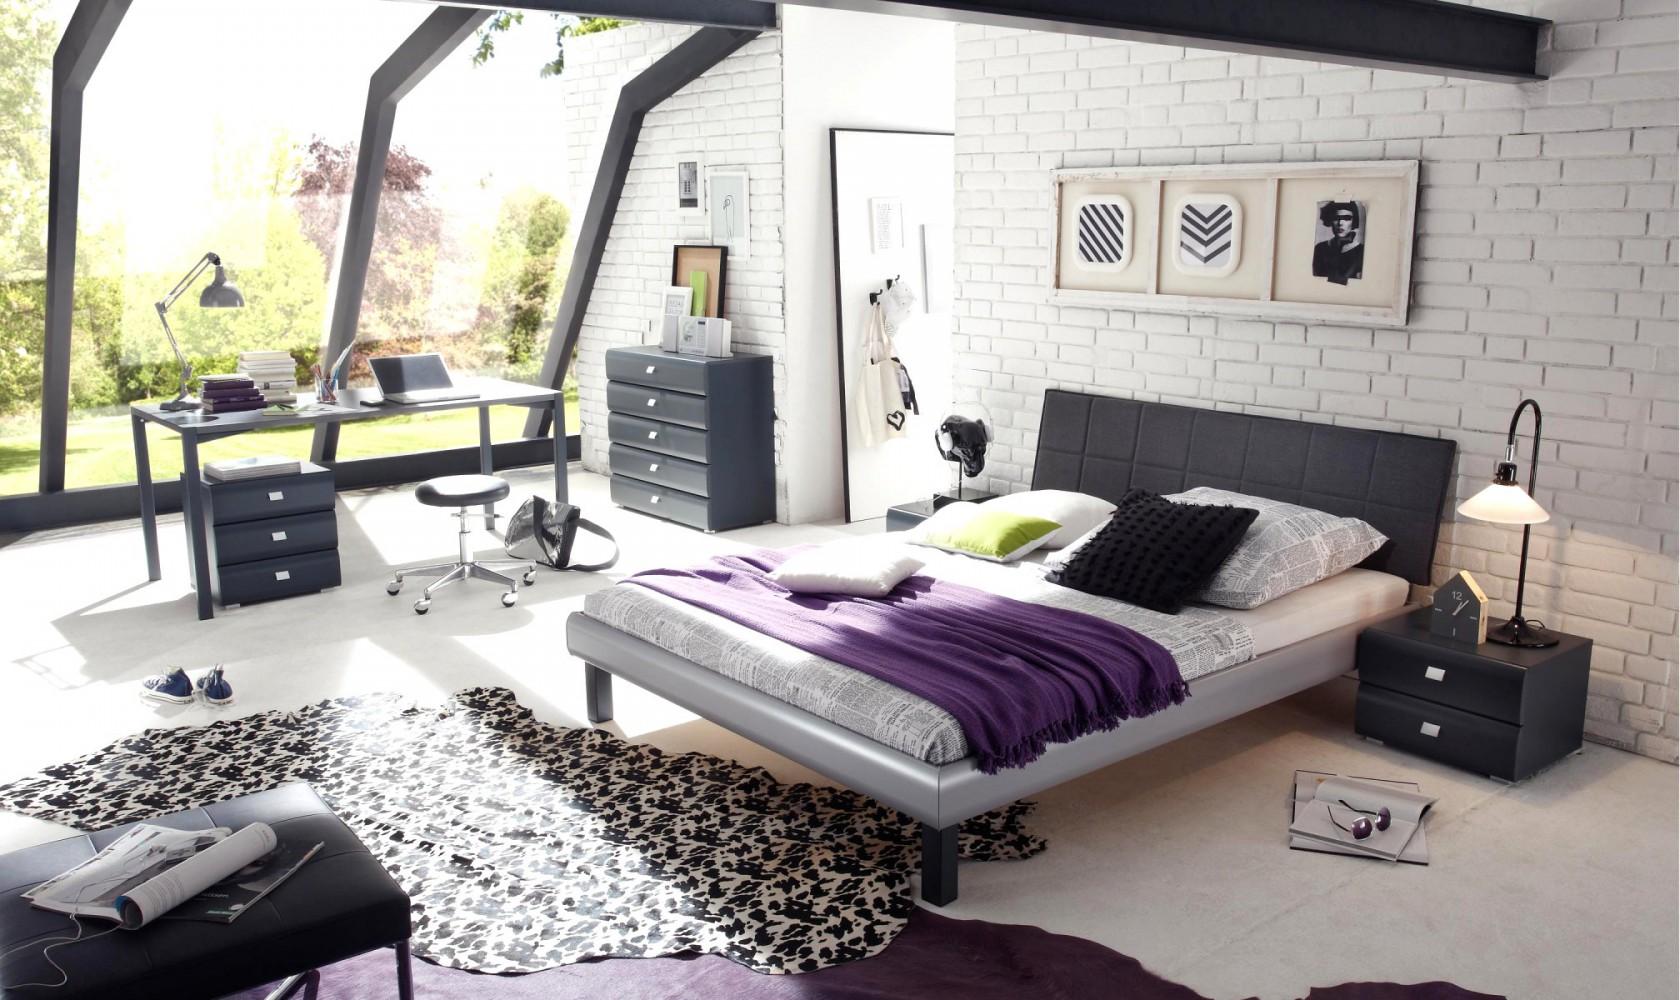 lmie malta kommode verschiedene ideen f r die raumgestaltung inspiration. Black Bedroom Furniture Sets. Home Design Ideas